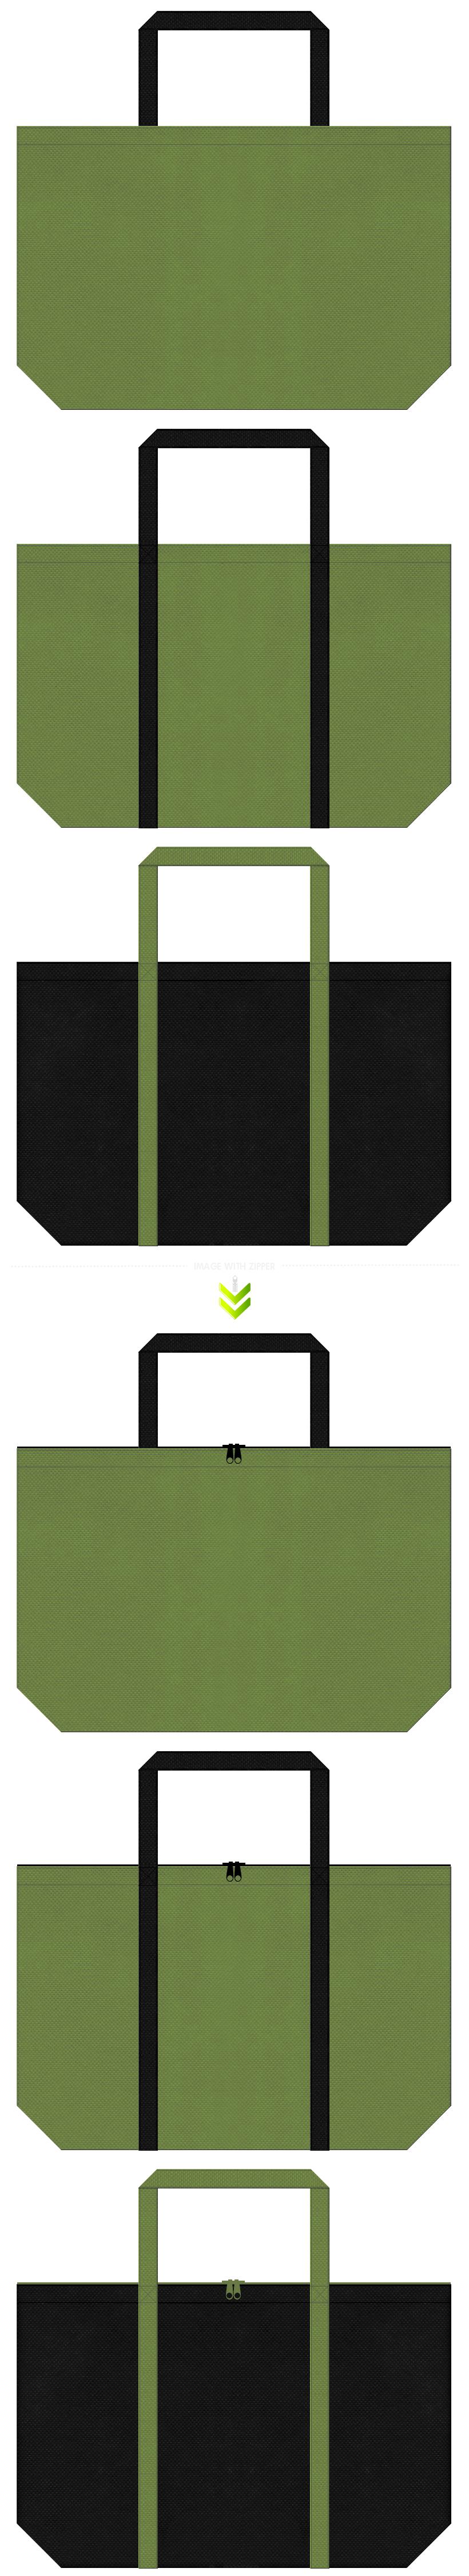 草色と黒色の不織布エコバッグのデザイン。書道・剣道・弓道・代官・武家・忍者イメージや、お城イベントのノベルティにお奨めです。